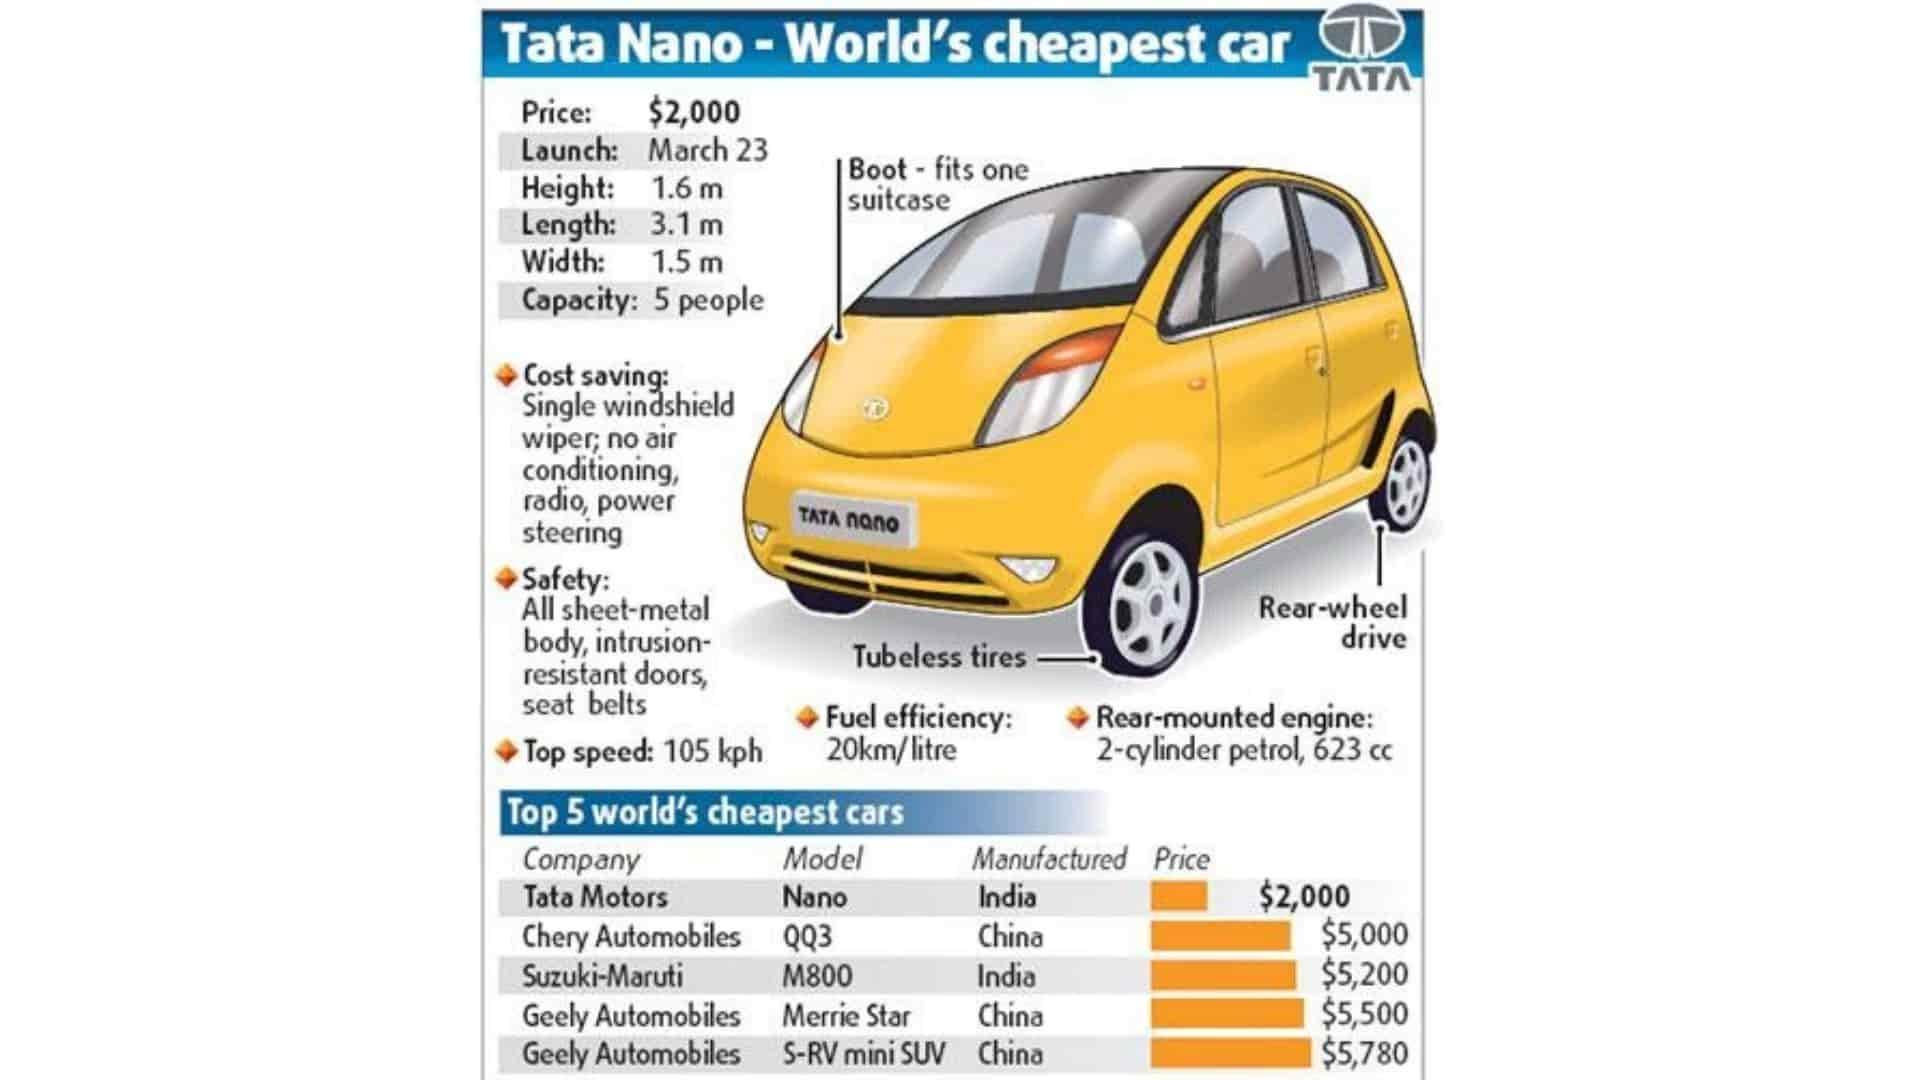 World's Cheapest Car - Tata Nano